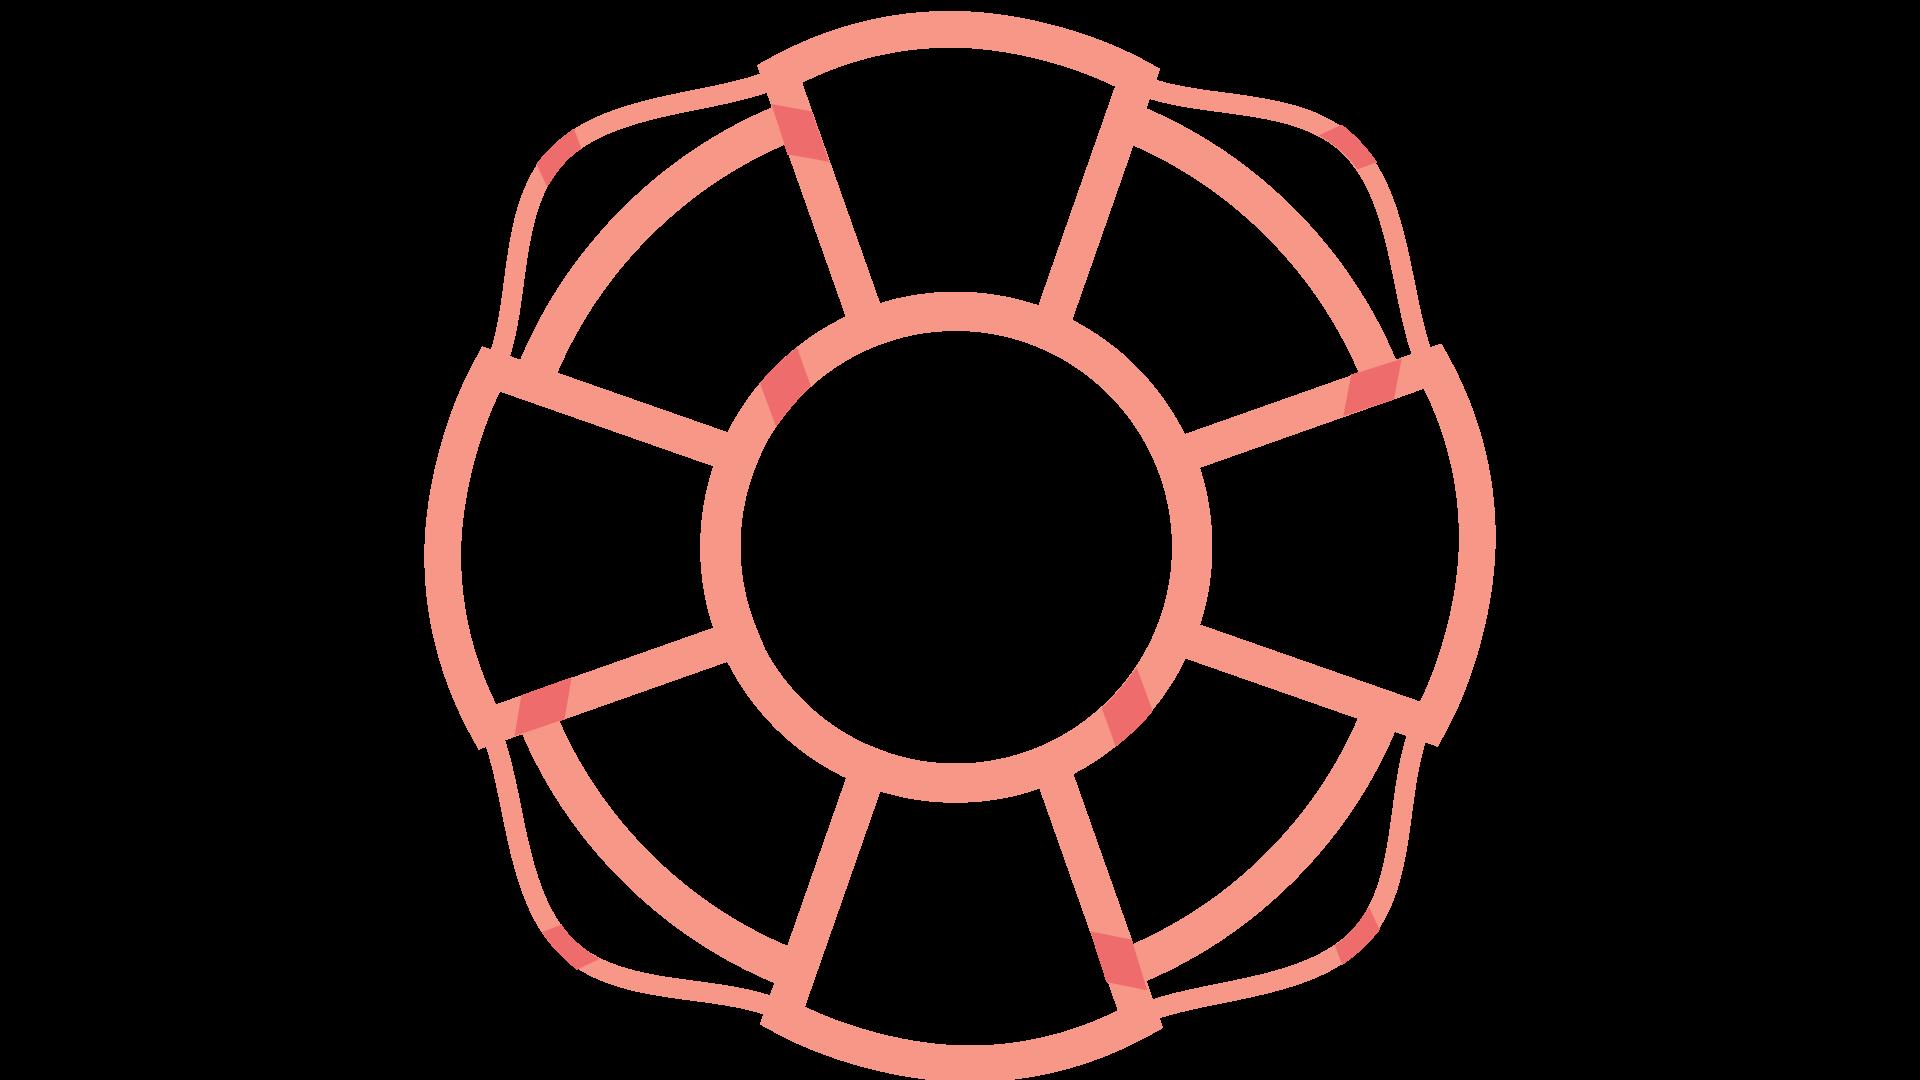 גלגל הצלה